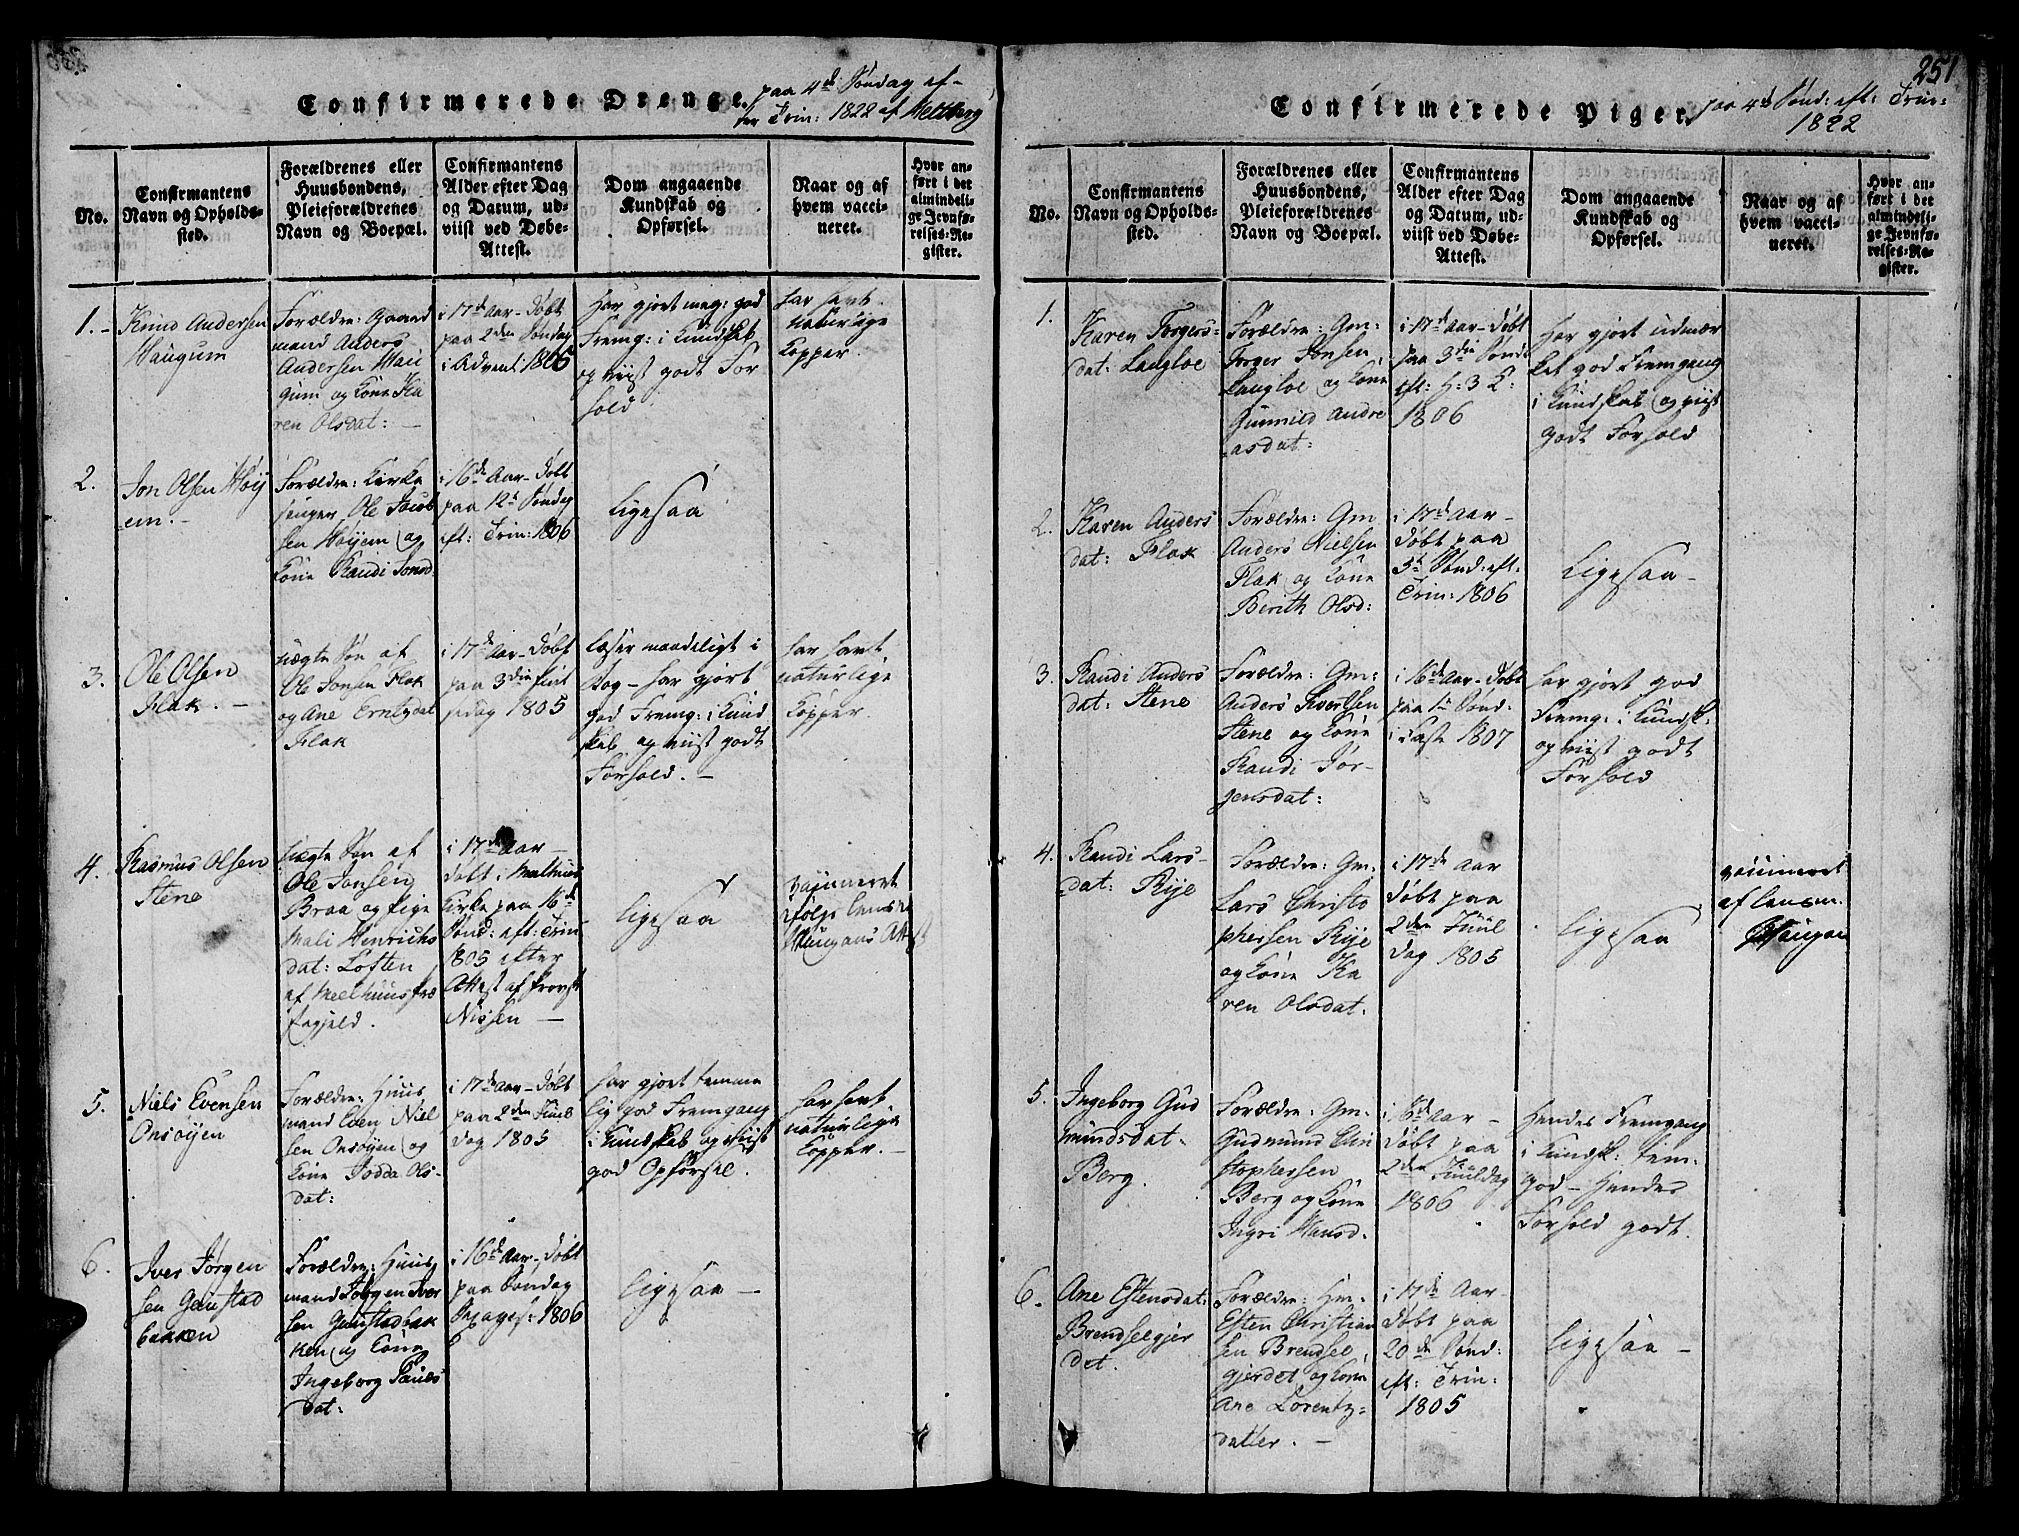 SAT, Ministerialprotokoller, klokkerbøker og fødselsregistre - Sør-Trøndelag, 612/L0372: Ministerialbok nr. 612A06 /1, 1816-1828, s. 251